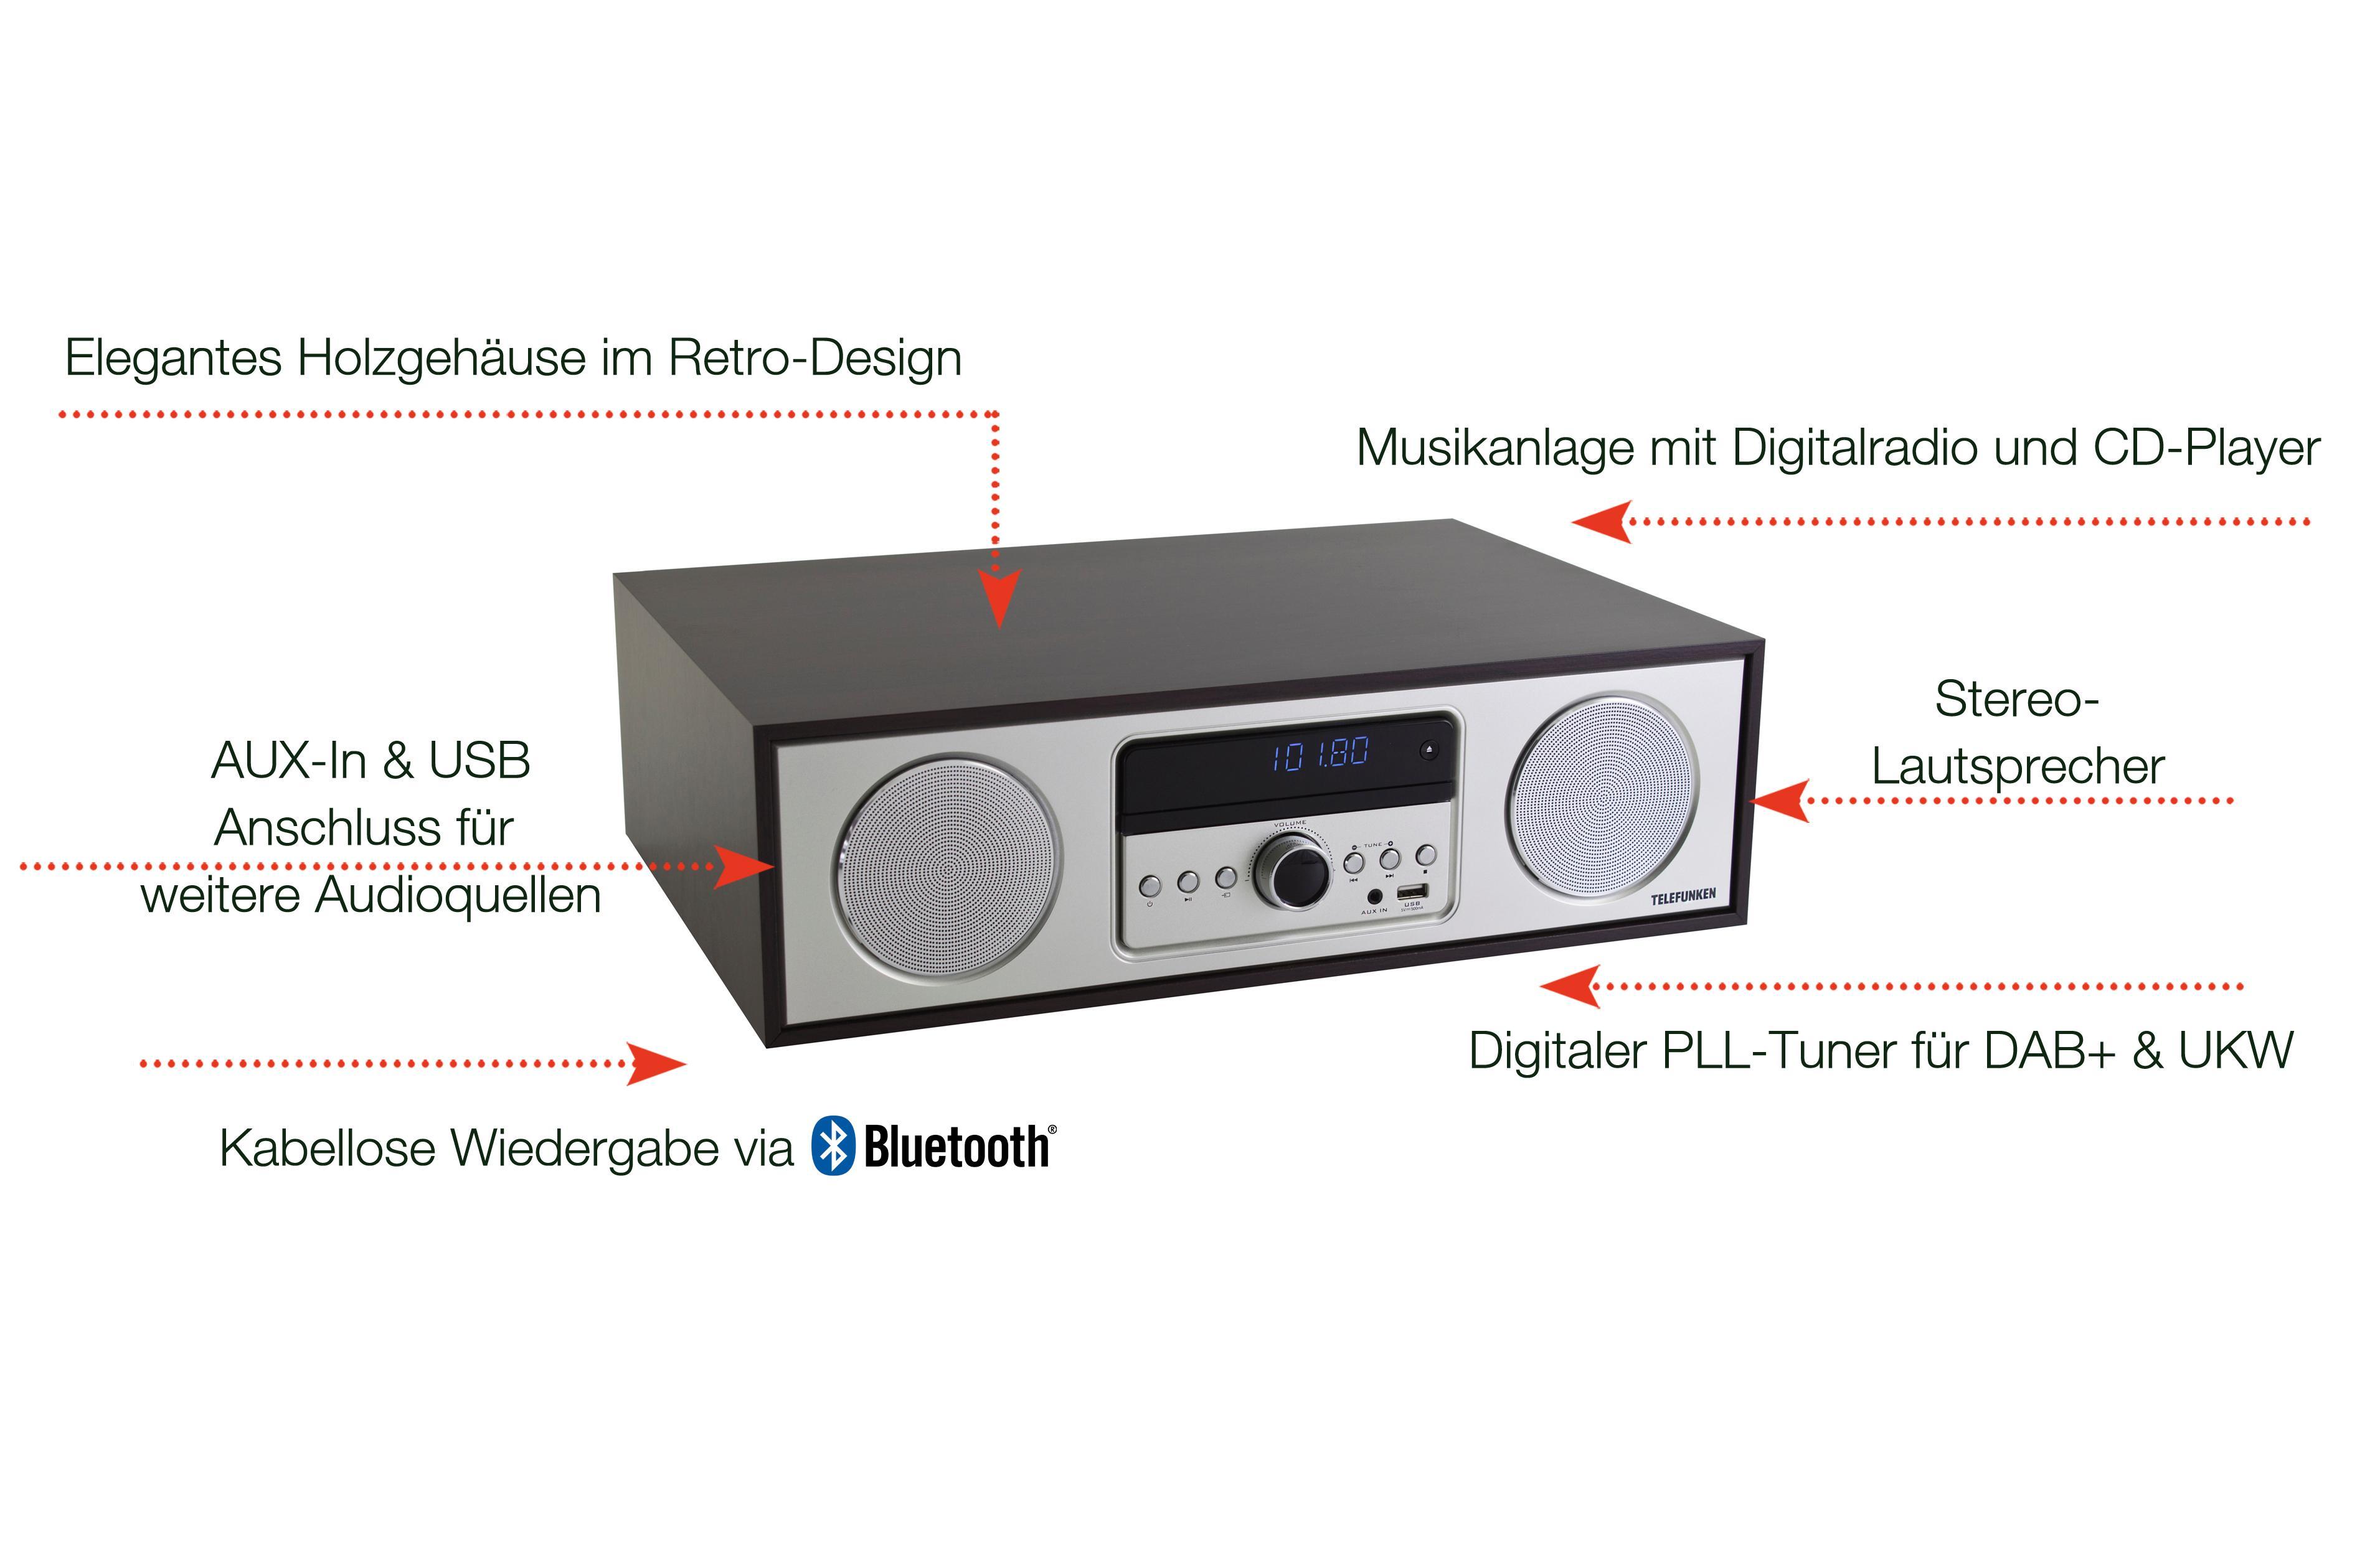 Telefunken MC2000D Musikanlage mit CD-Player, Digitalradio